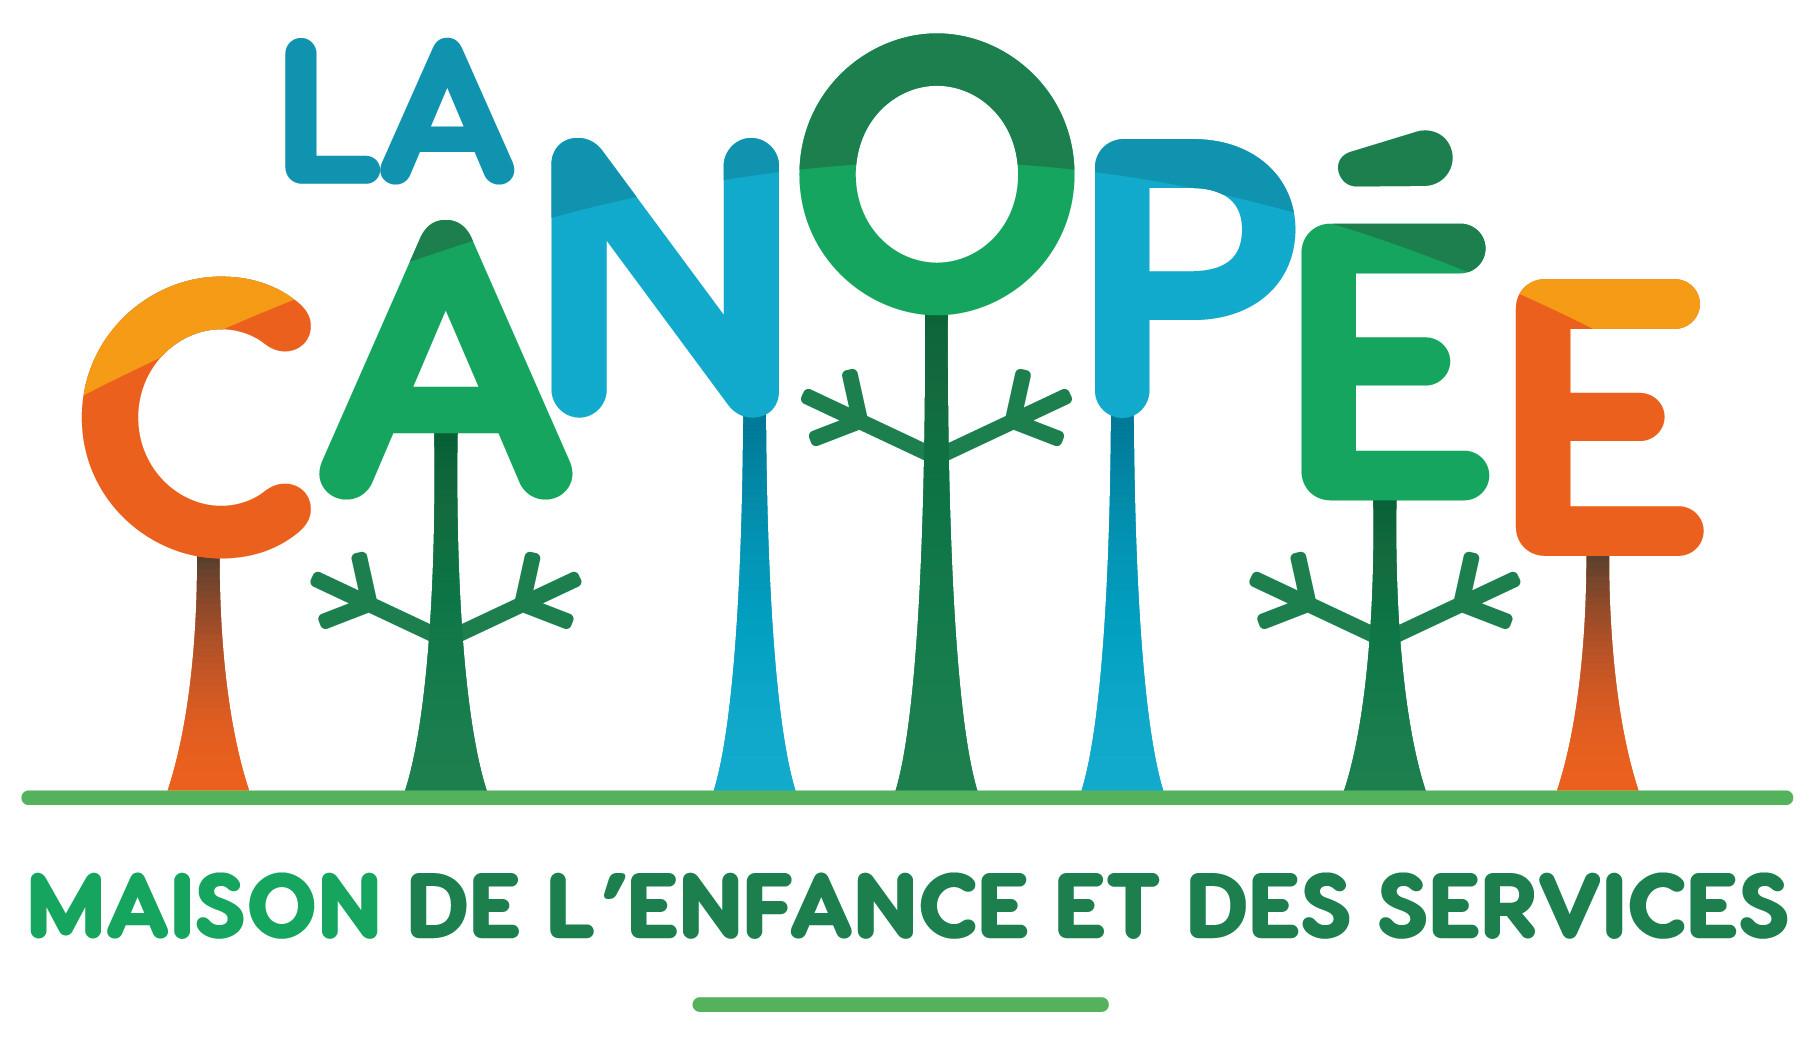 Logo-LaCanopee_Couleur2.jpg